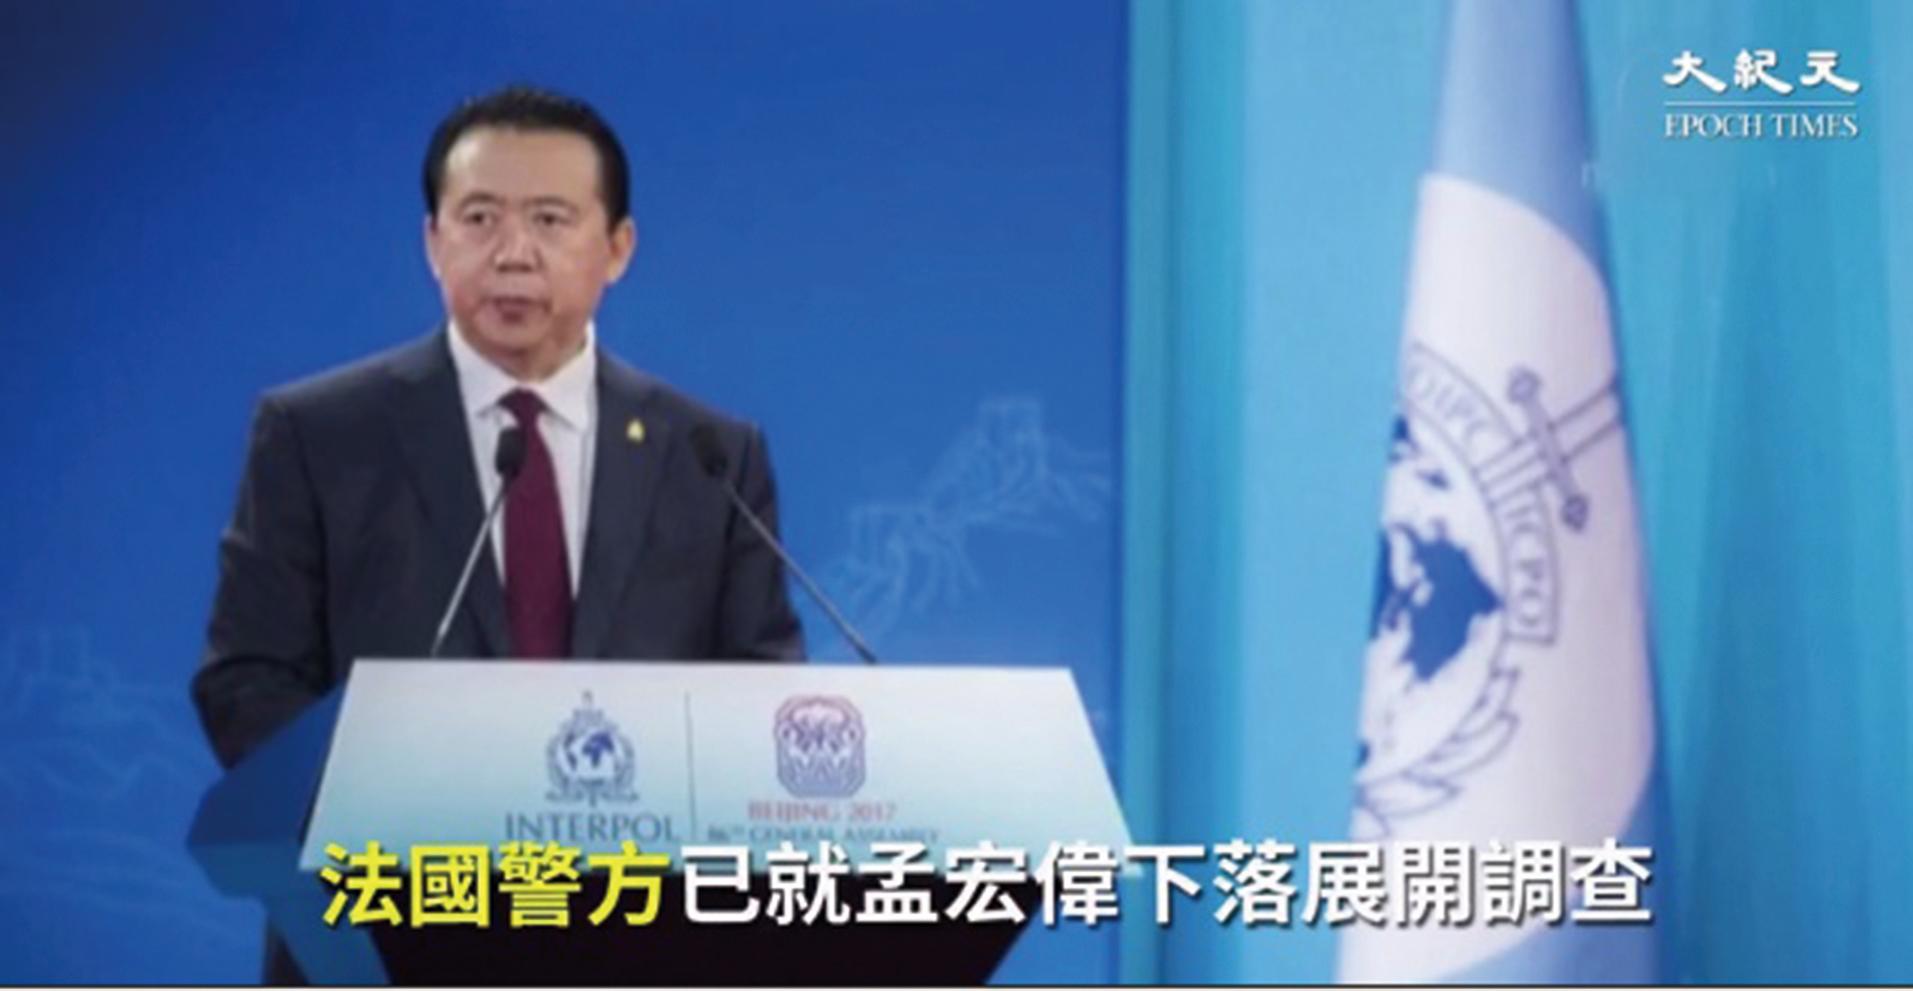 國際刑警組織主席、中共公安部副部長孟宏偉9月29日回國後失蹤,據稱他在北京機場被帶走調查。(網絡截圖)